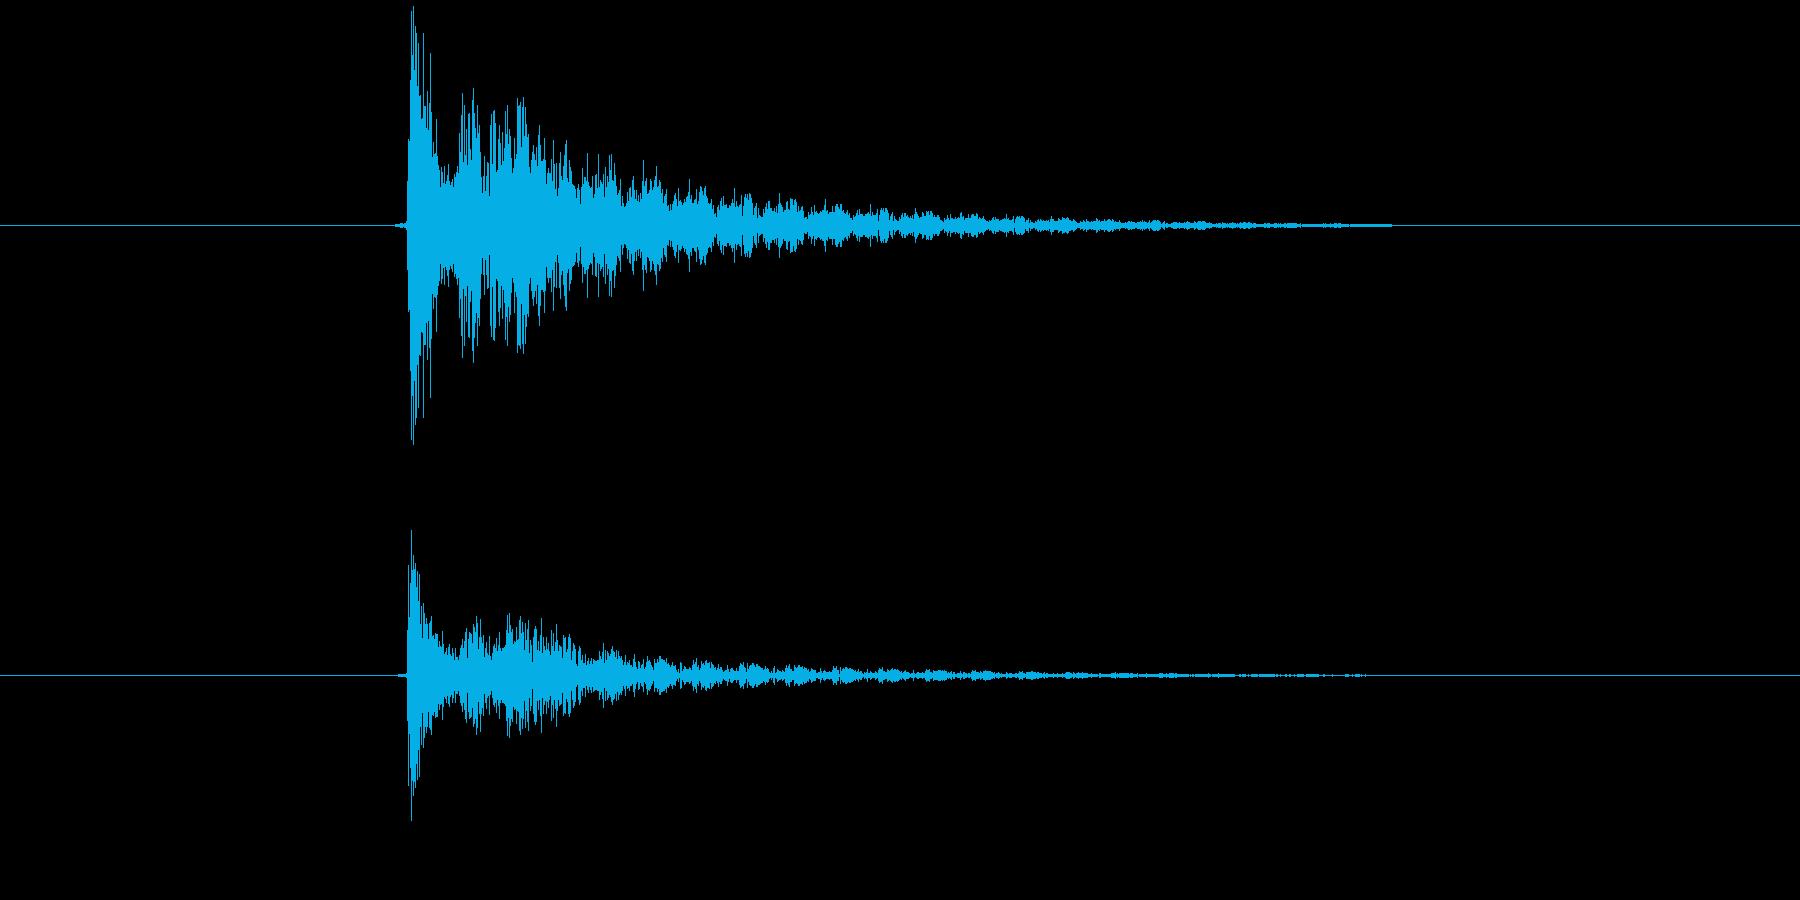 ダメージ、ミス、キャンセル 電子音の再生済みの波形